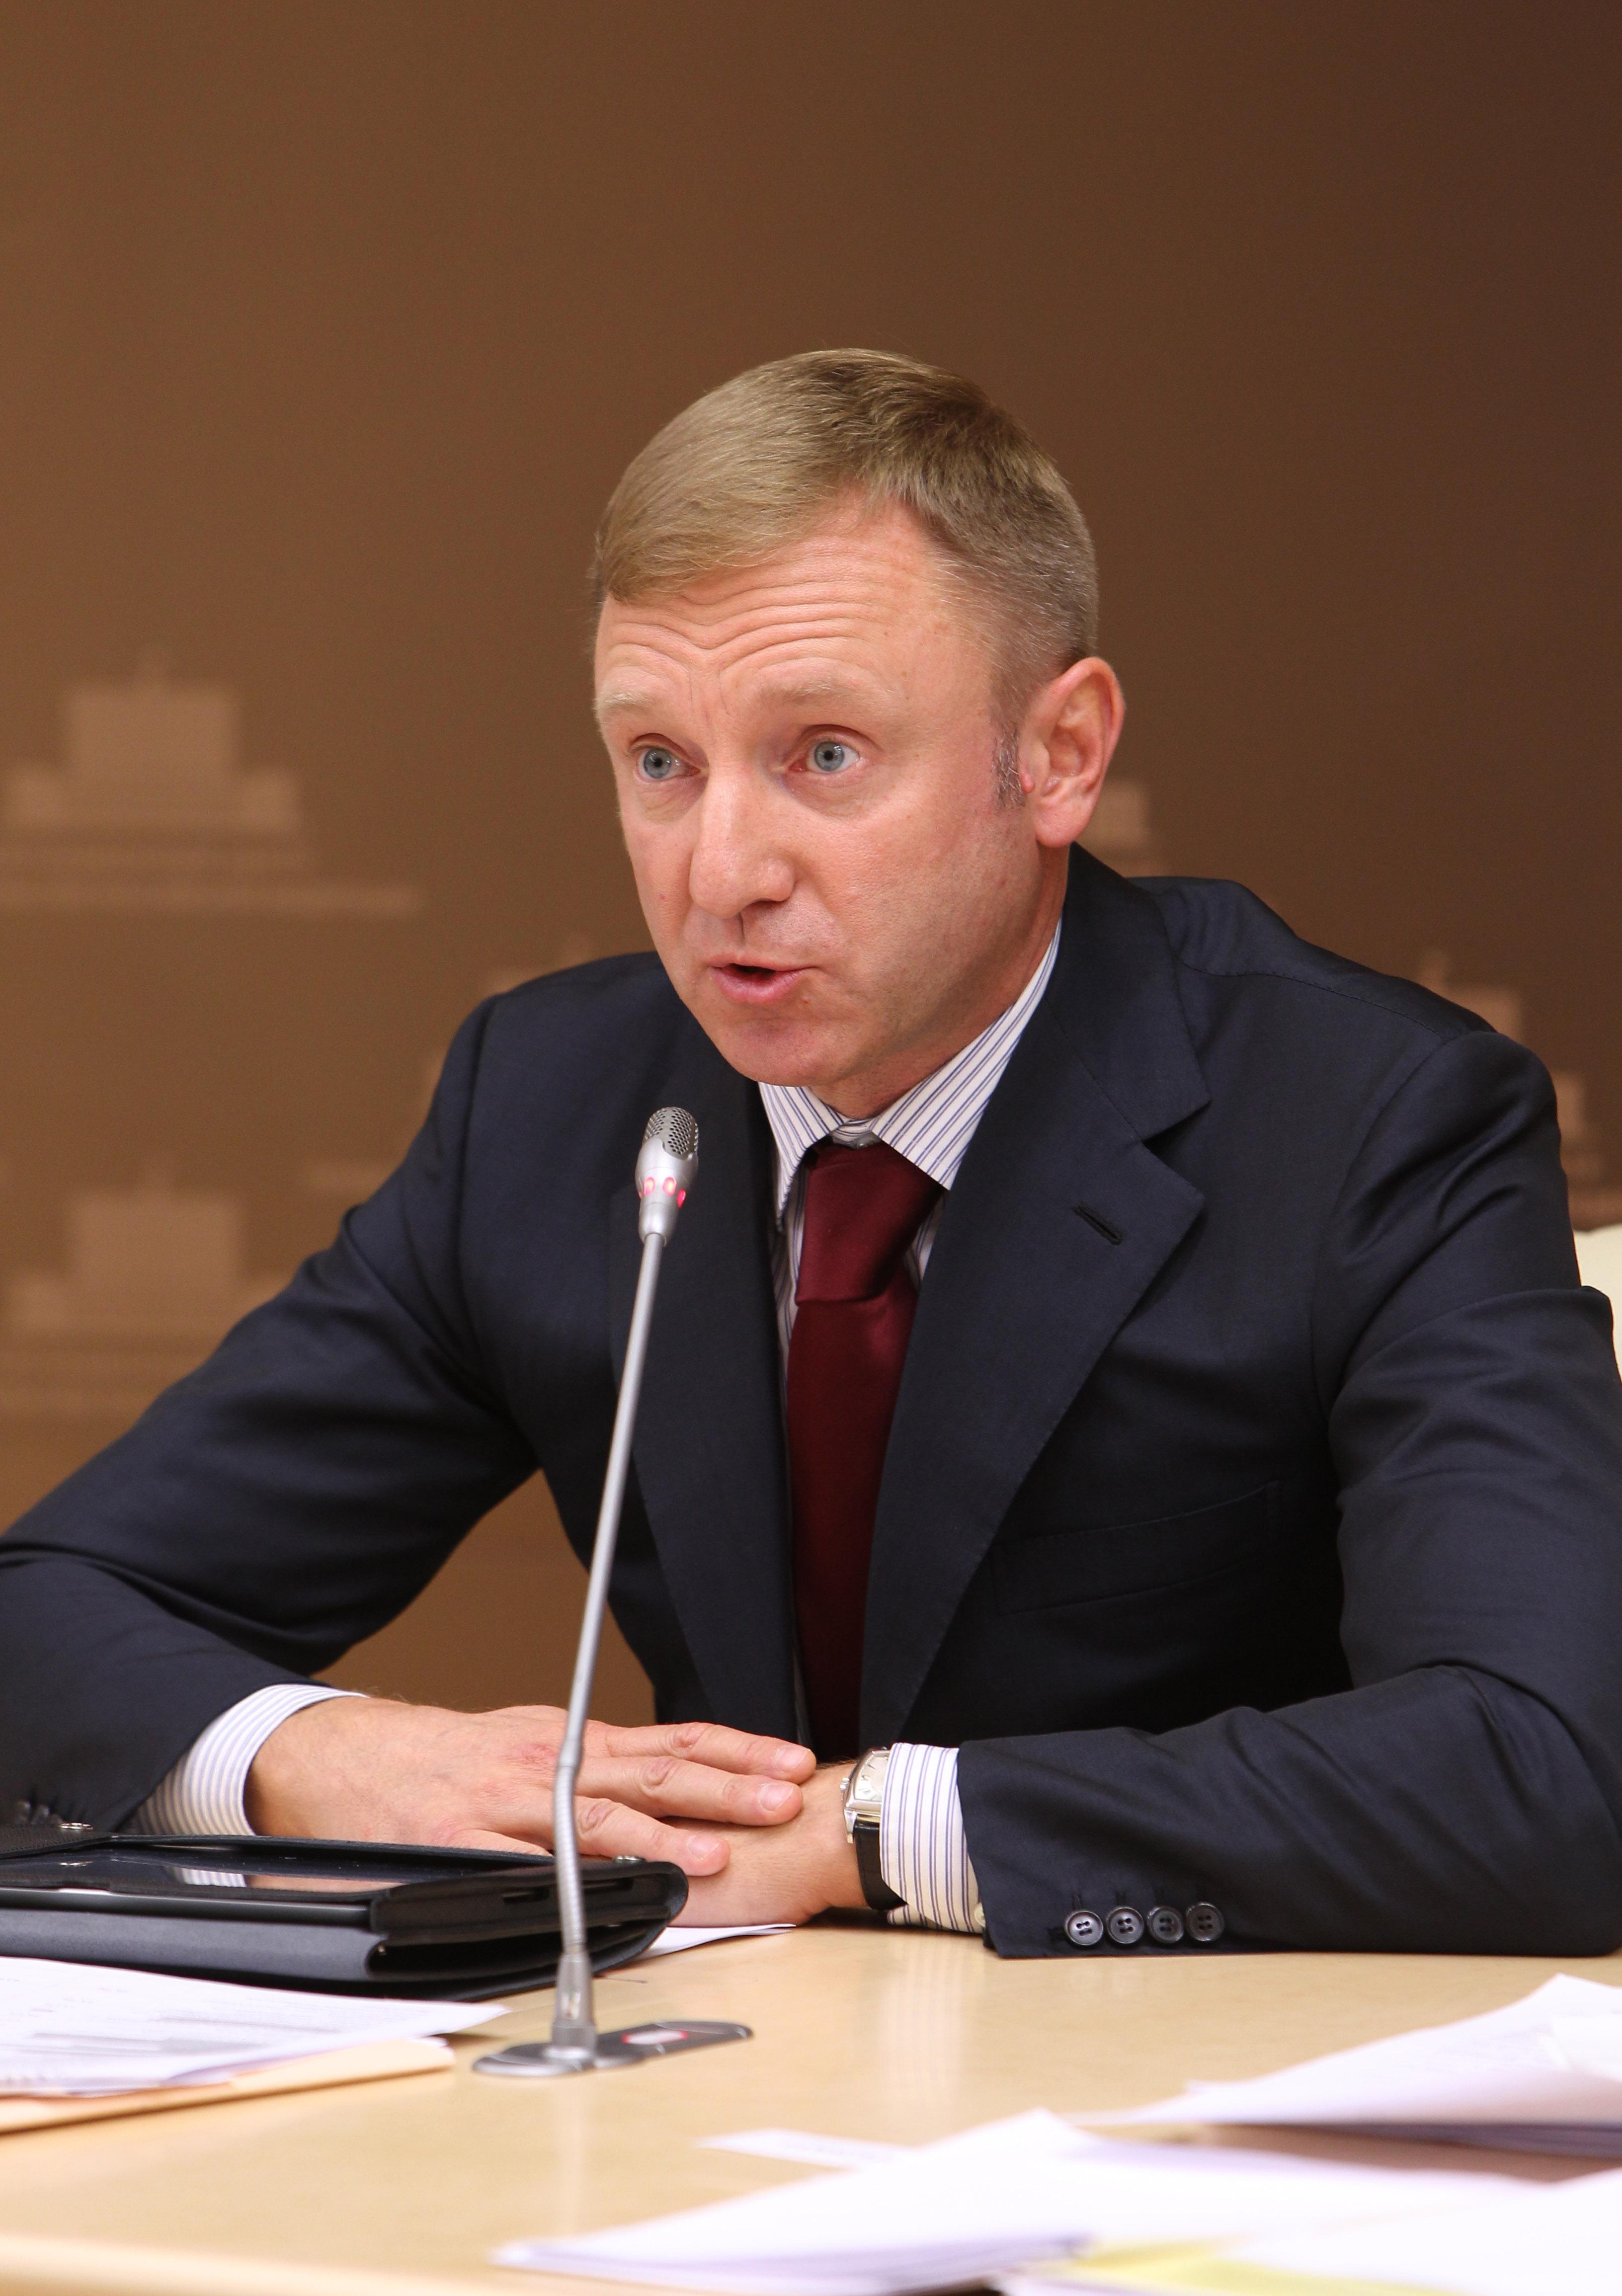 Д.В.Ливанов, министр образования и науки Российской Федерации